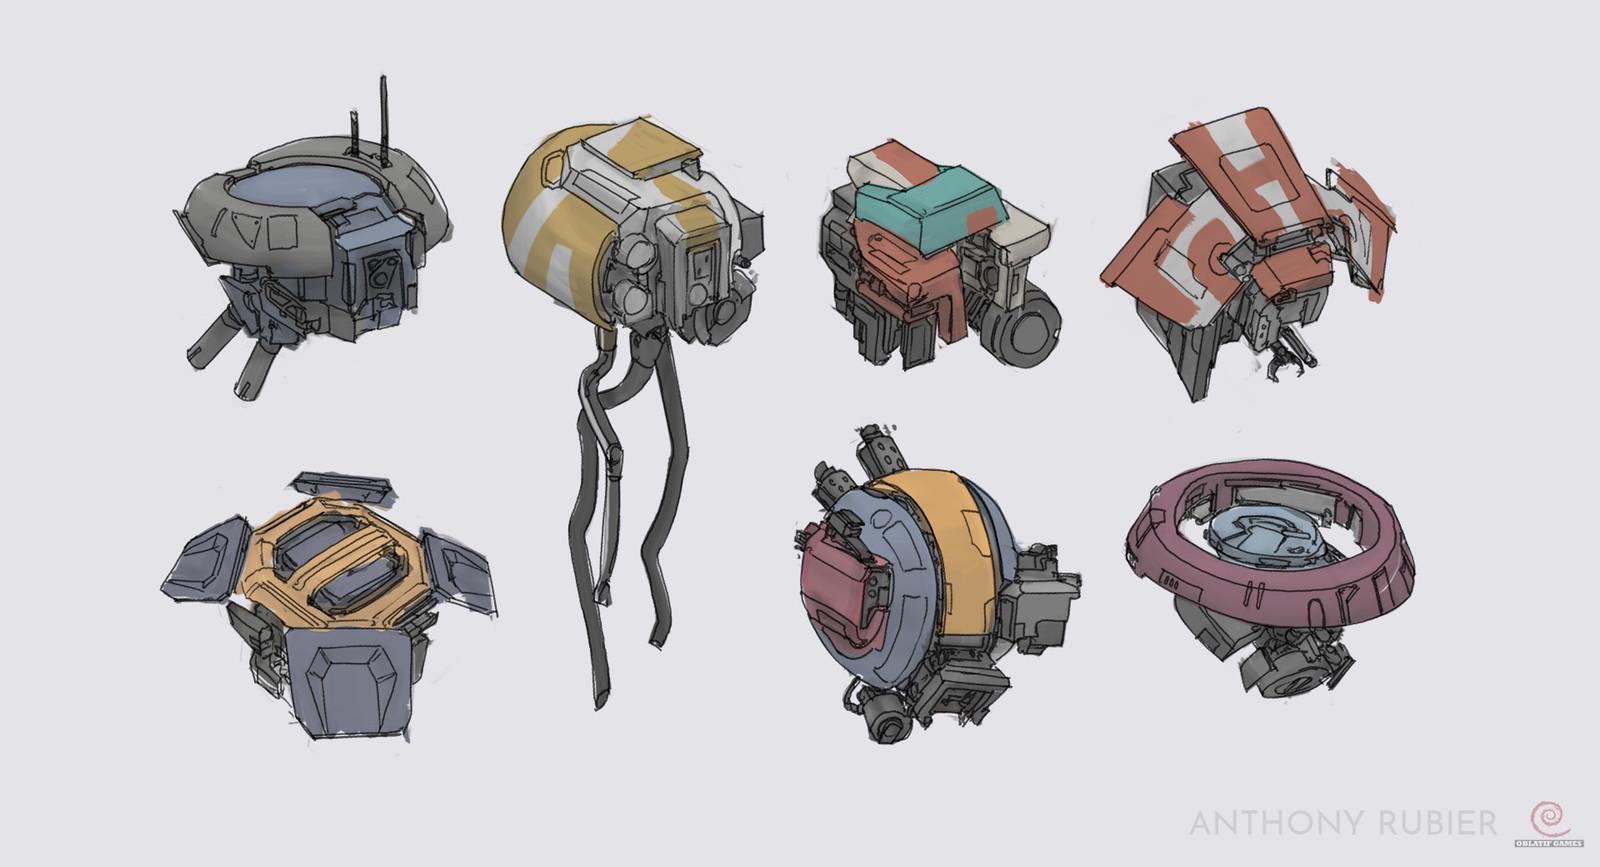 Drones concepts